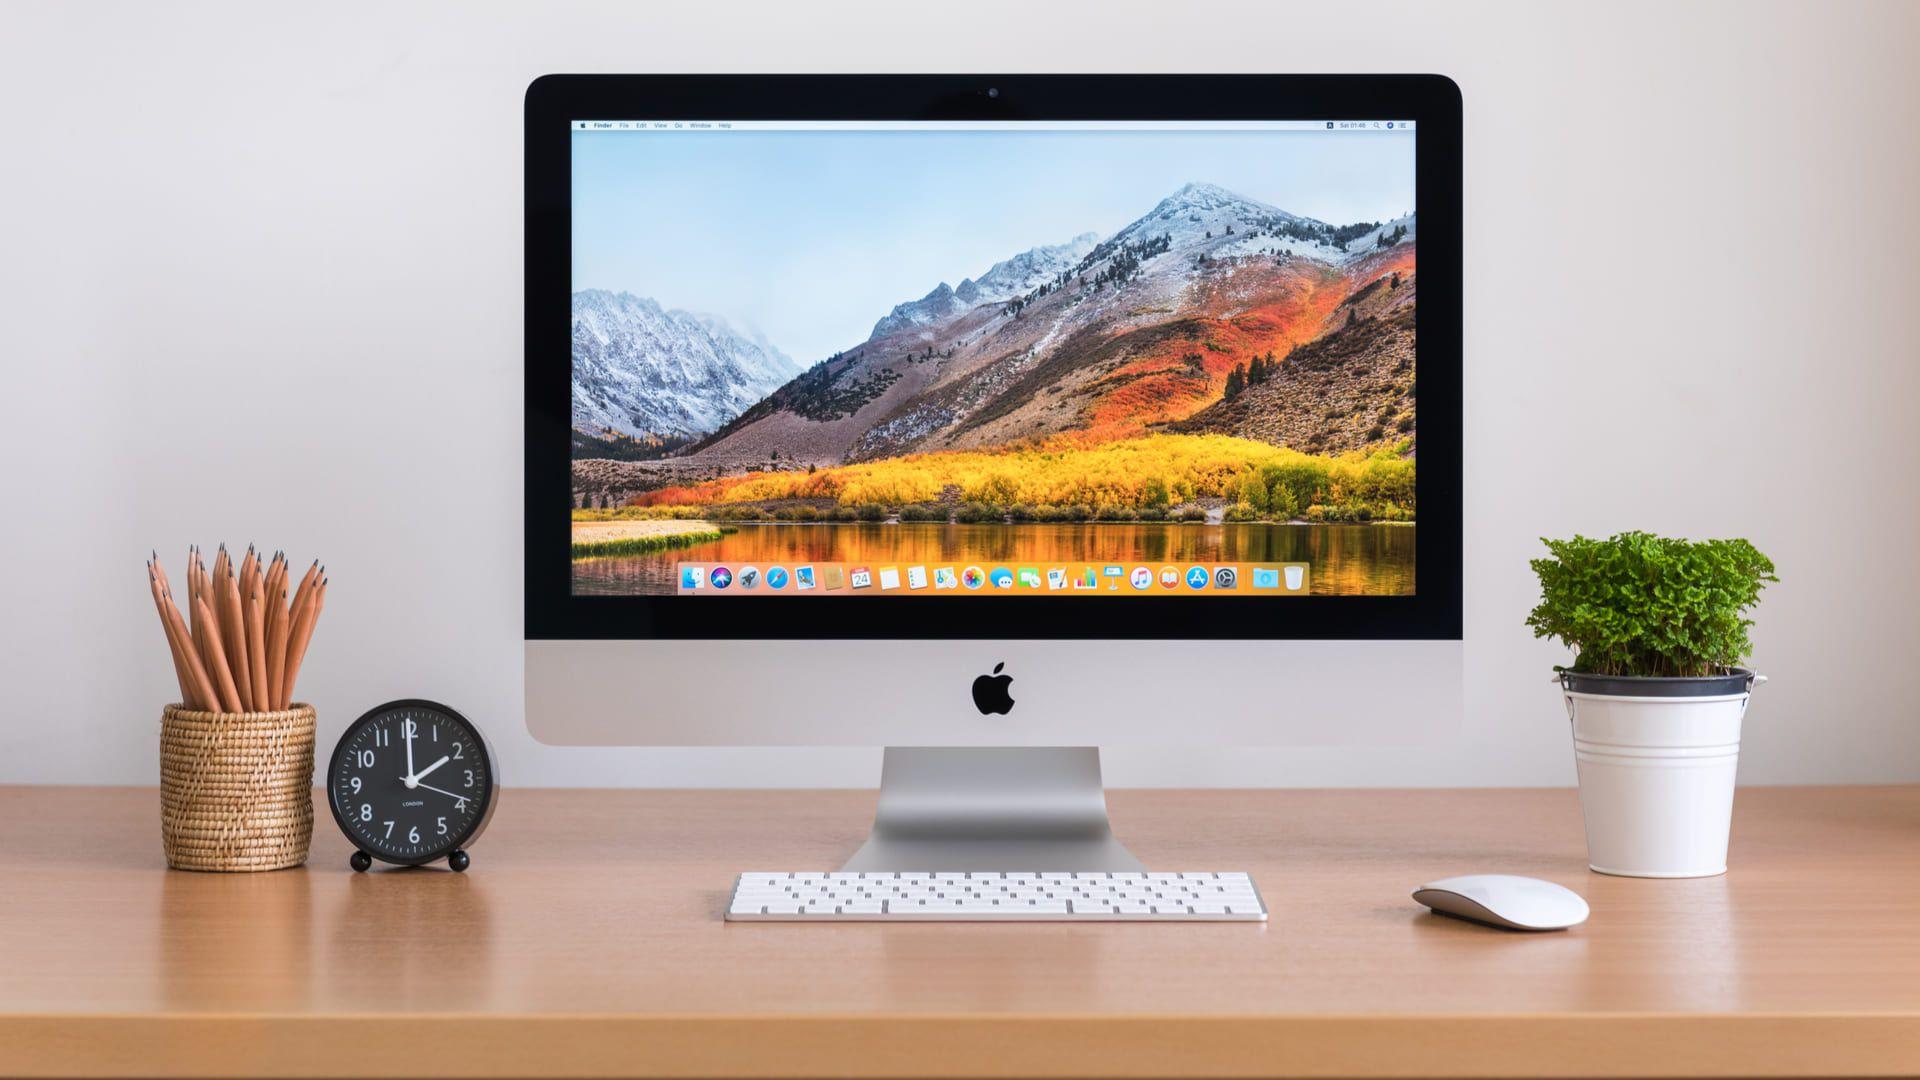 O processo para fazer print screen no Mac é simples (Foto: Reprodução/Shutterstock)